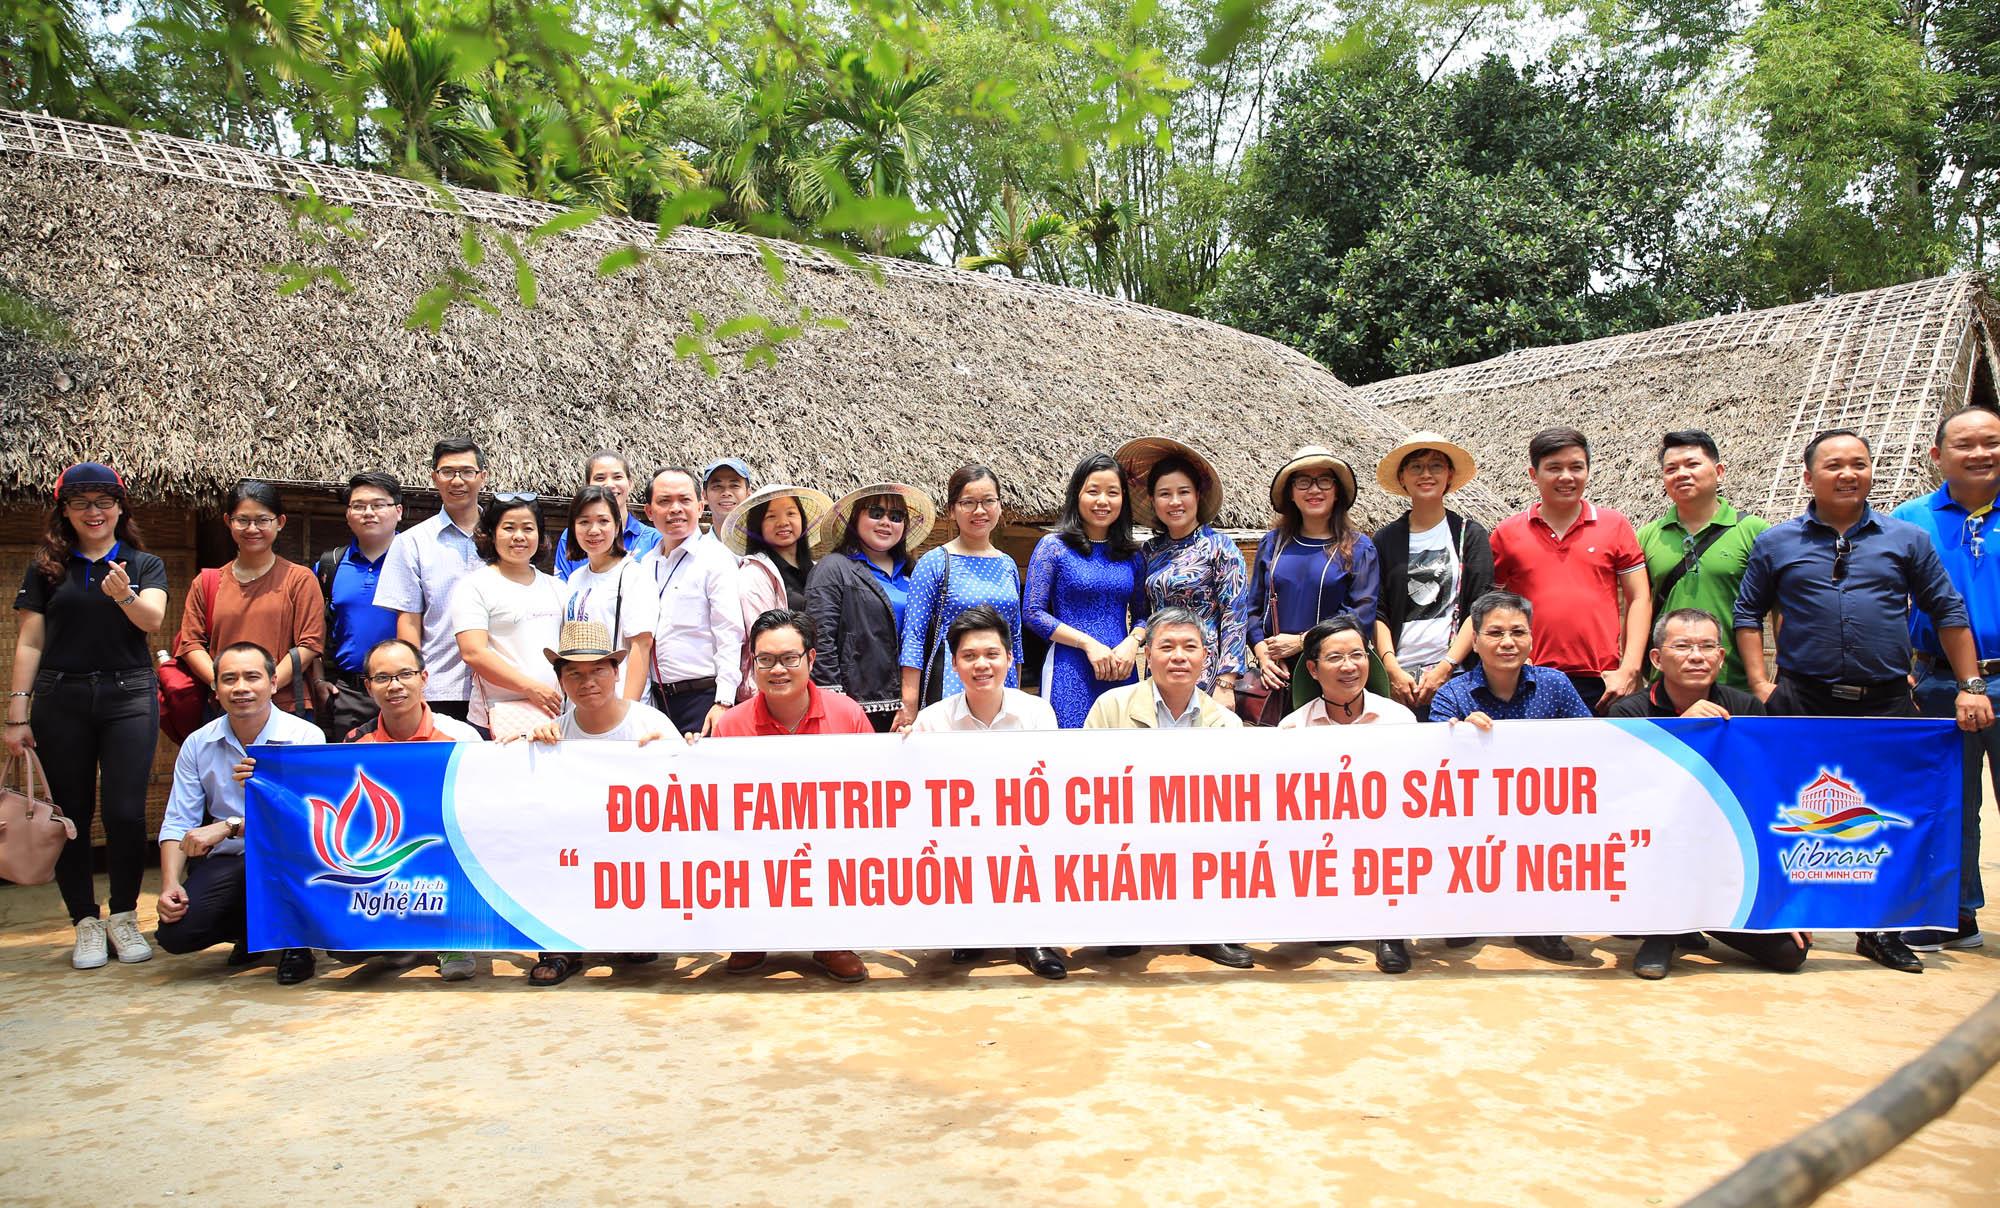 Nghệ An –TP. Hồ Chí Minh phối hợp xây dựng tour du lịch